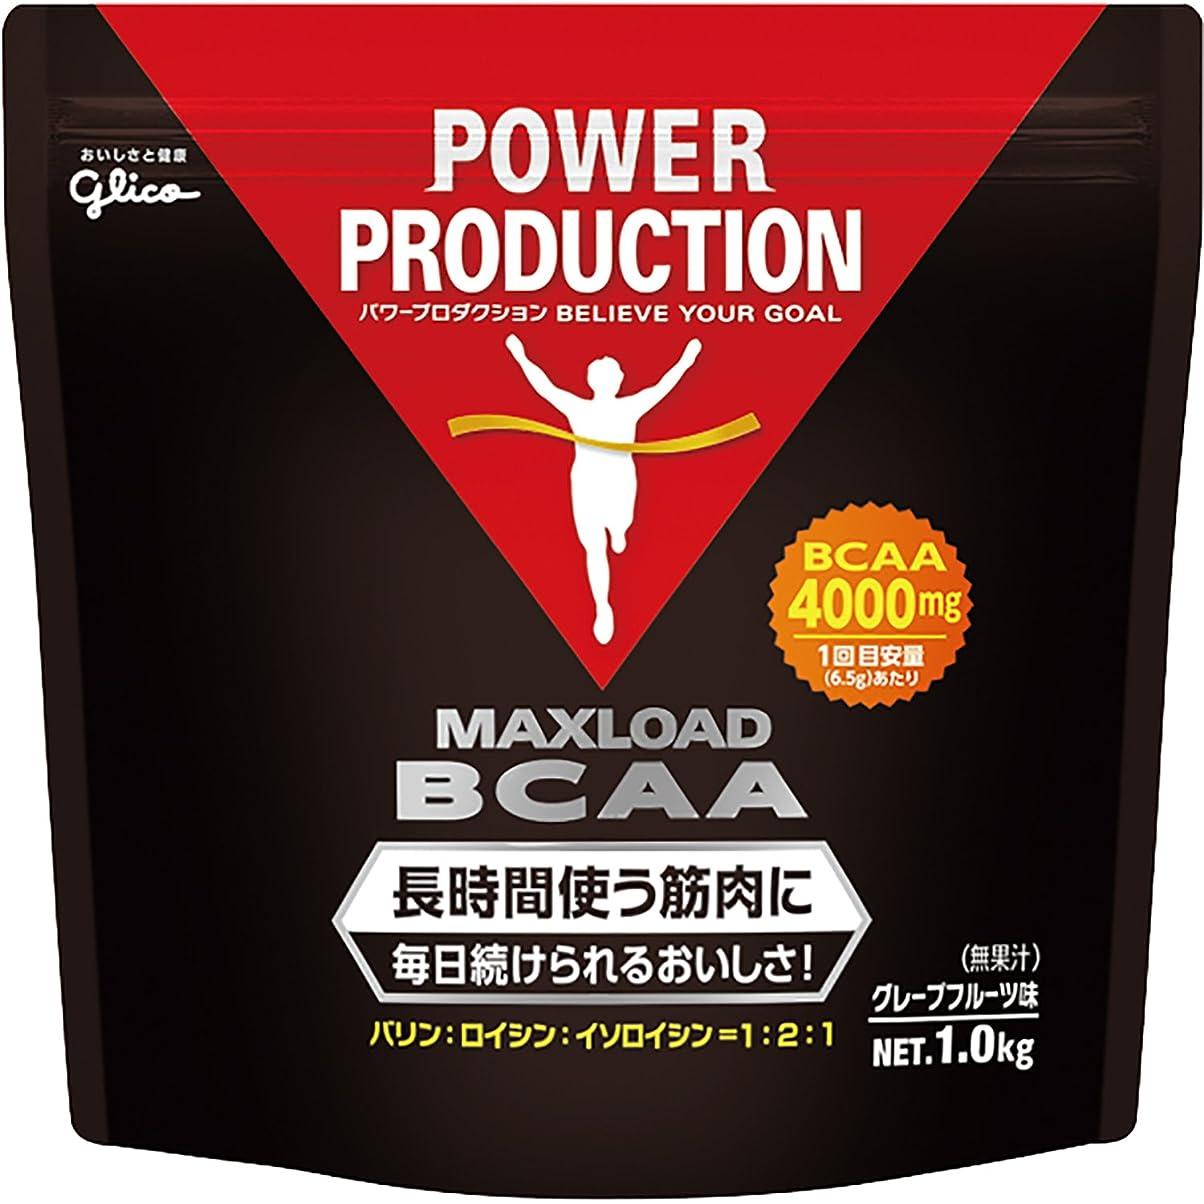 確認する単なる対象グリコ パワープロダクション マックスロード BCAA4000mg アミノ酸 グレープフルーツ風味 1kg【使用目安 約153回分】